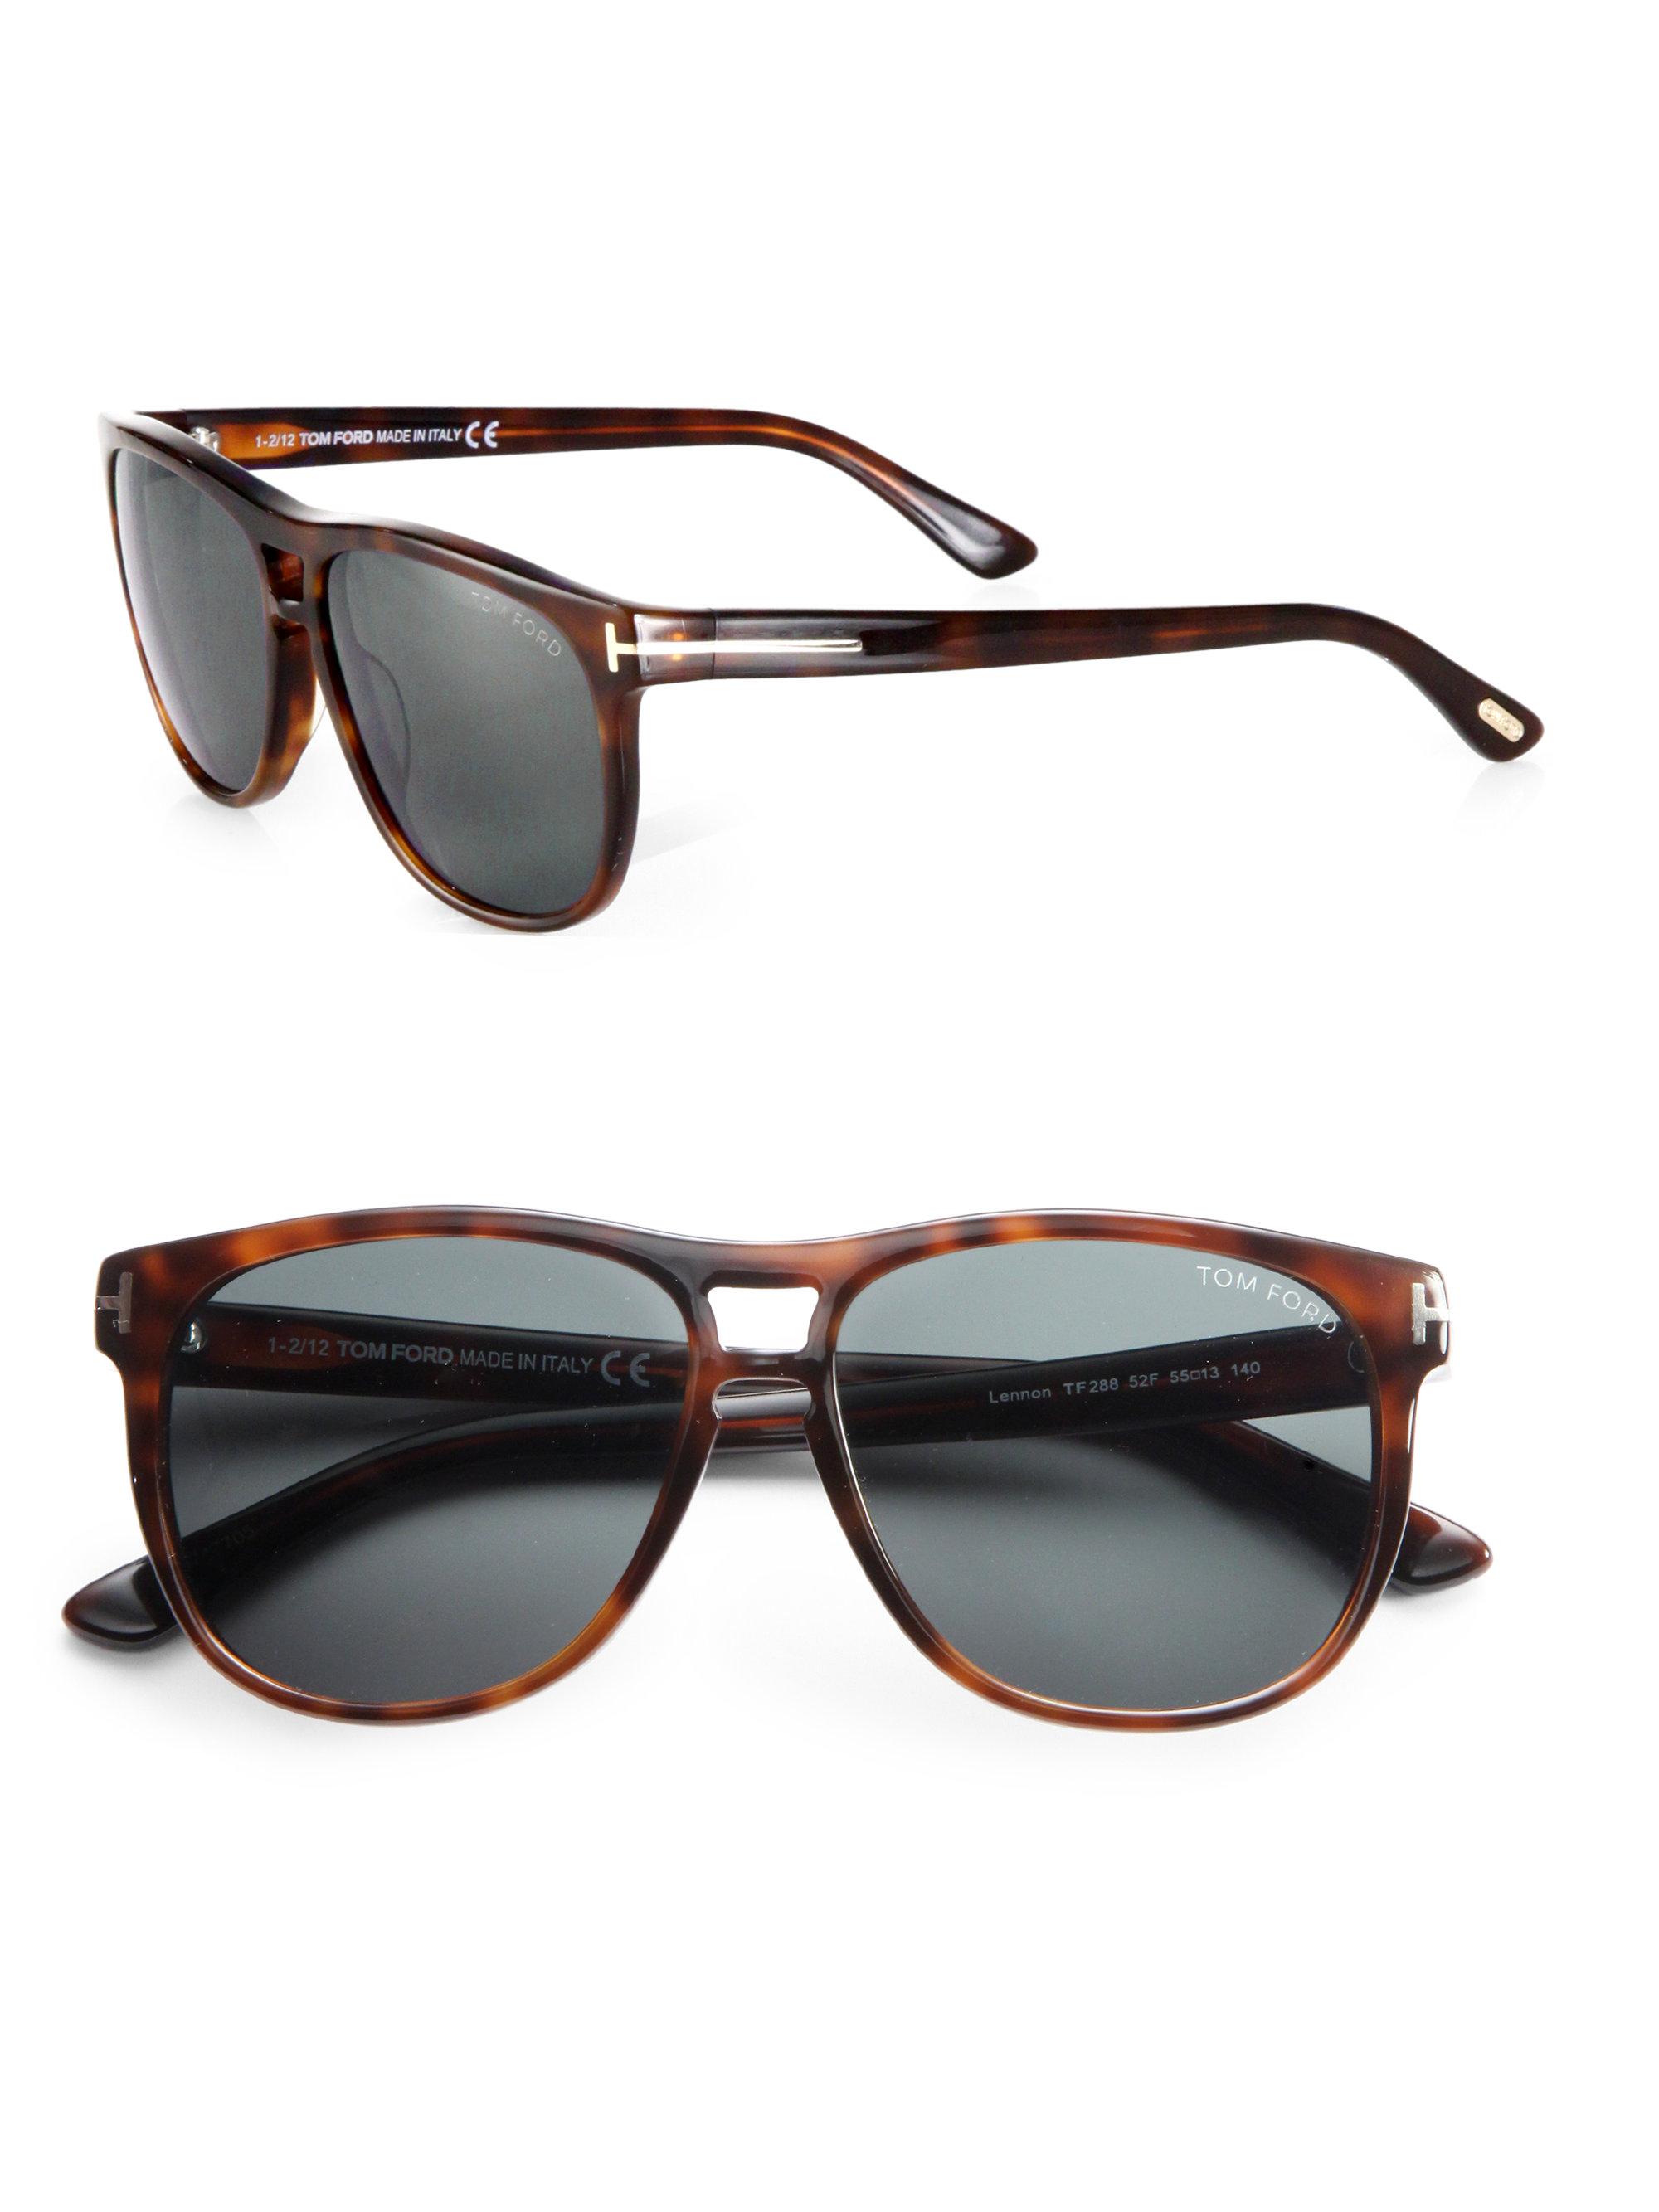 dd82e7ecea848 Tom Ford Callum Sunglasses in Brown for Men - Lyst